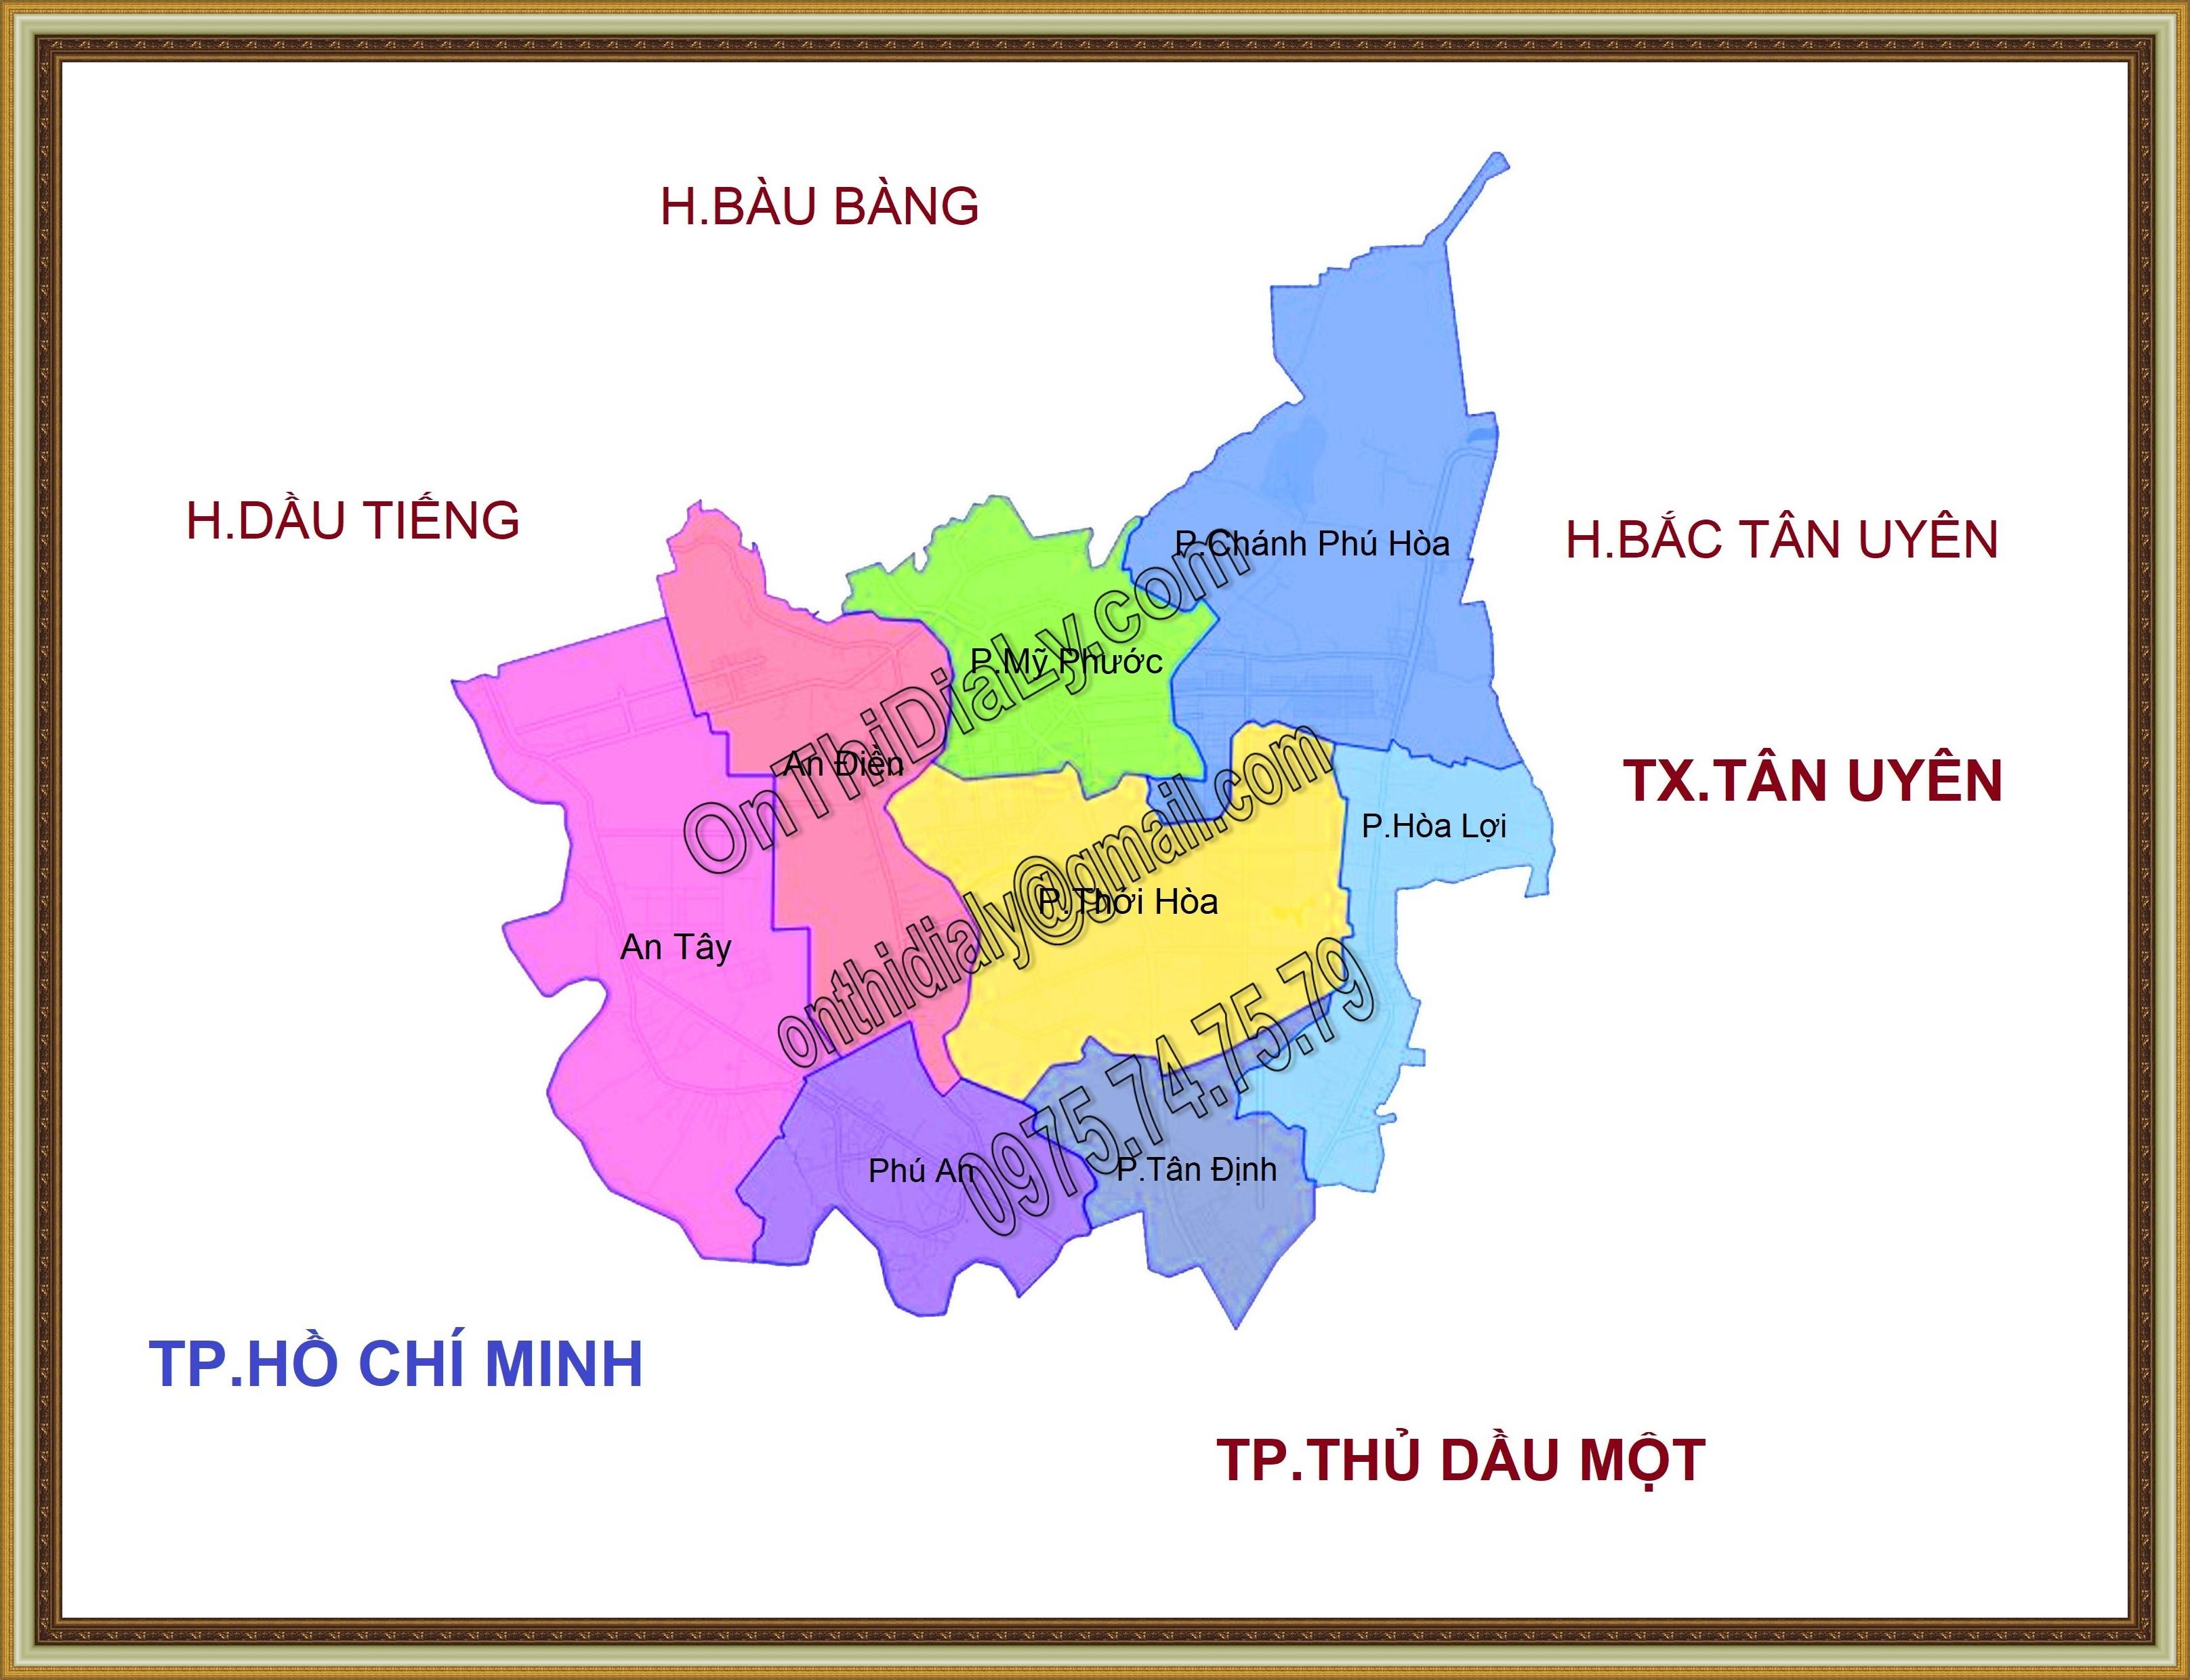 TX.Ben Cat - Binh Duong 5